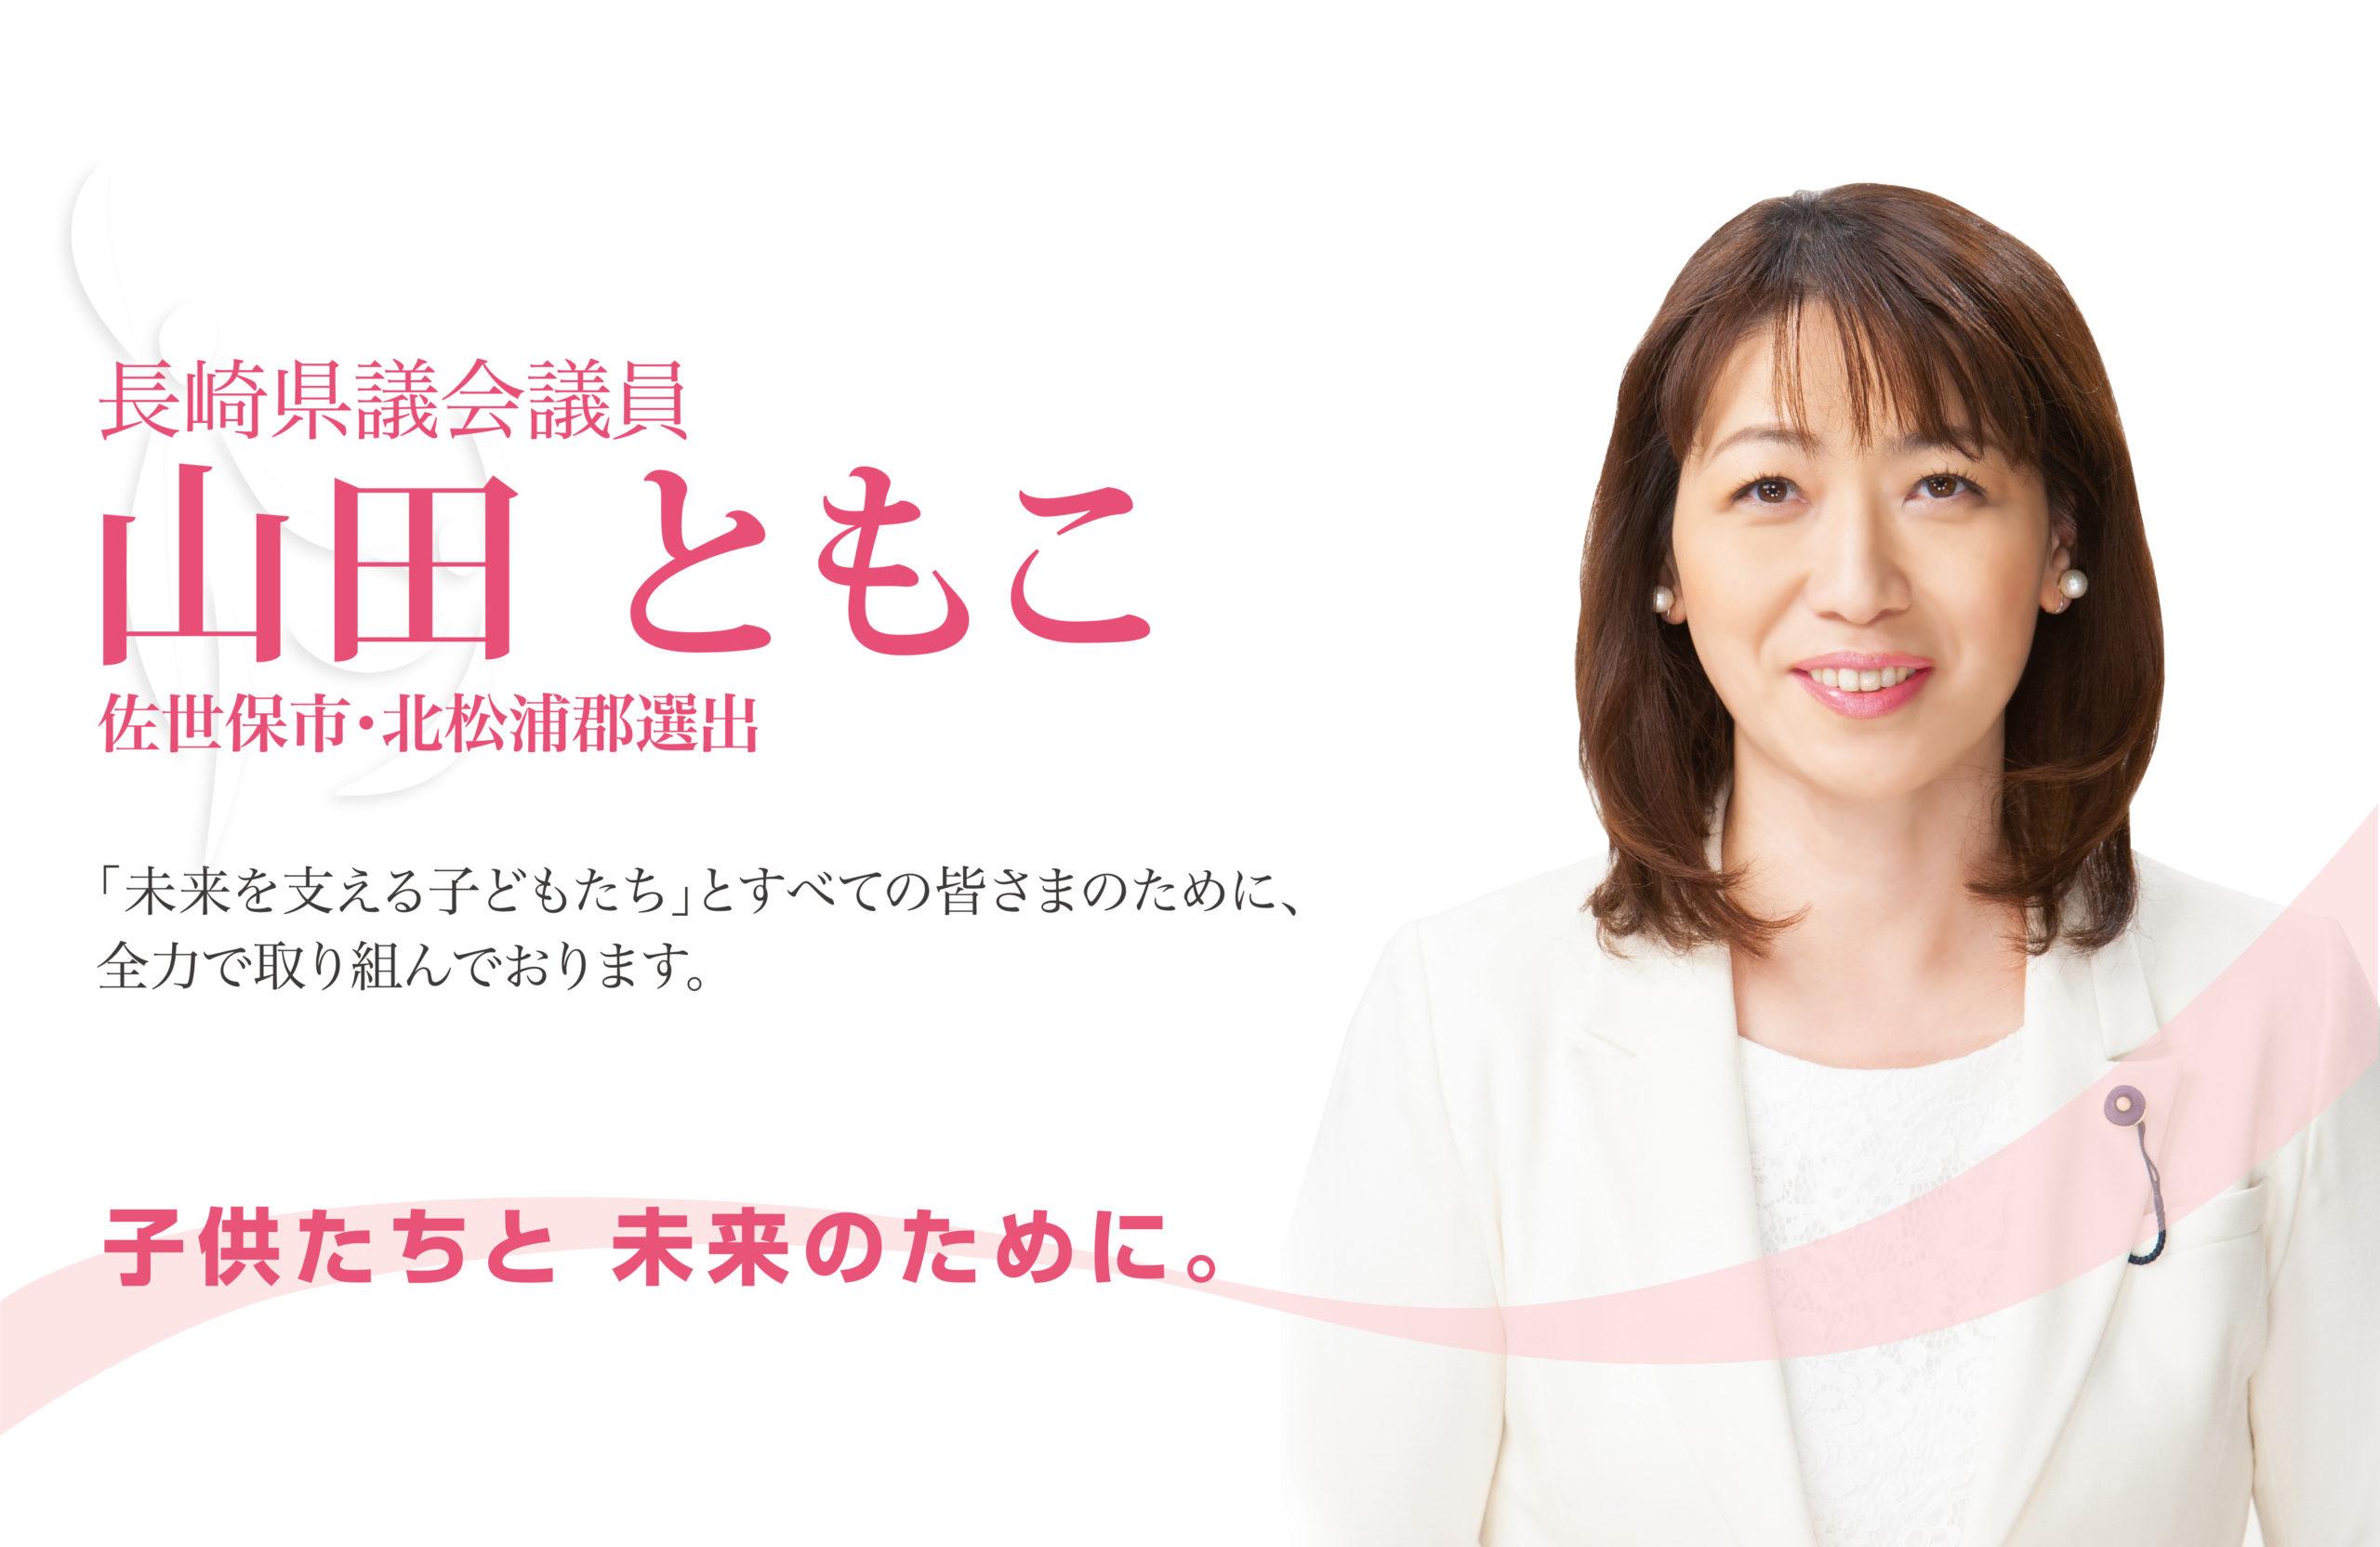 長崎県議会議員 山田ともこ – 公式ホームページ